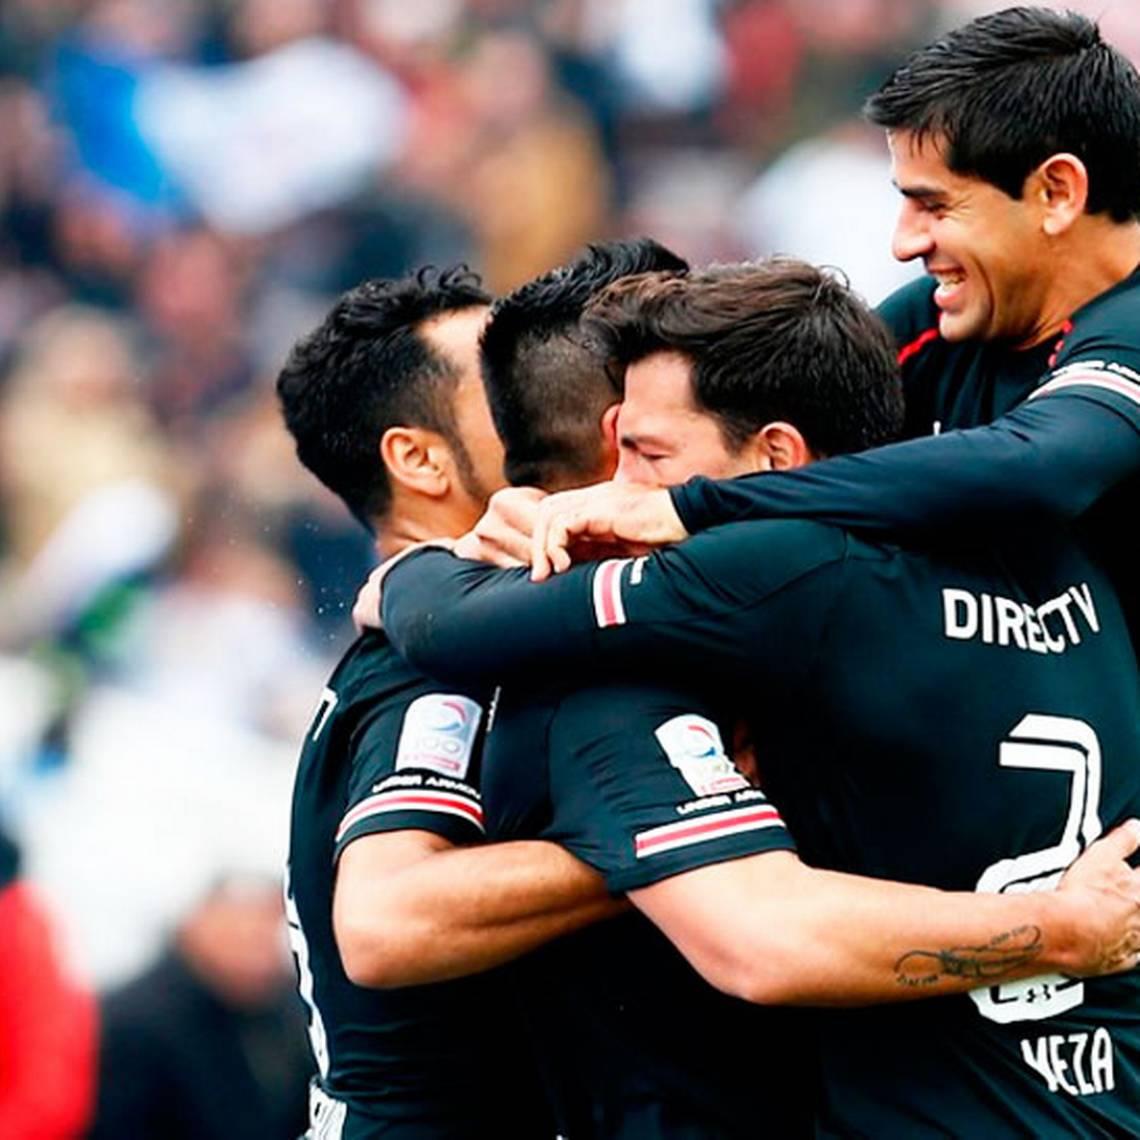 Así fueron los festejos de Colo Colo en su primera Supercopa